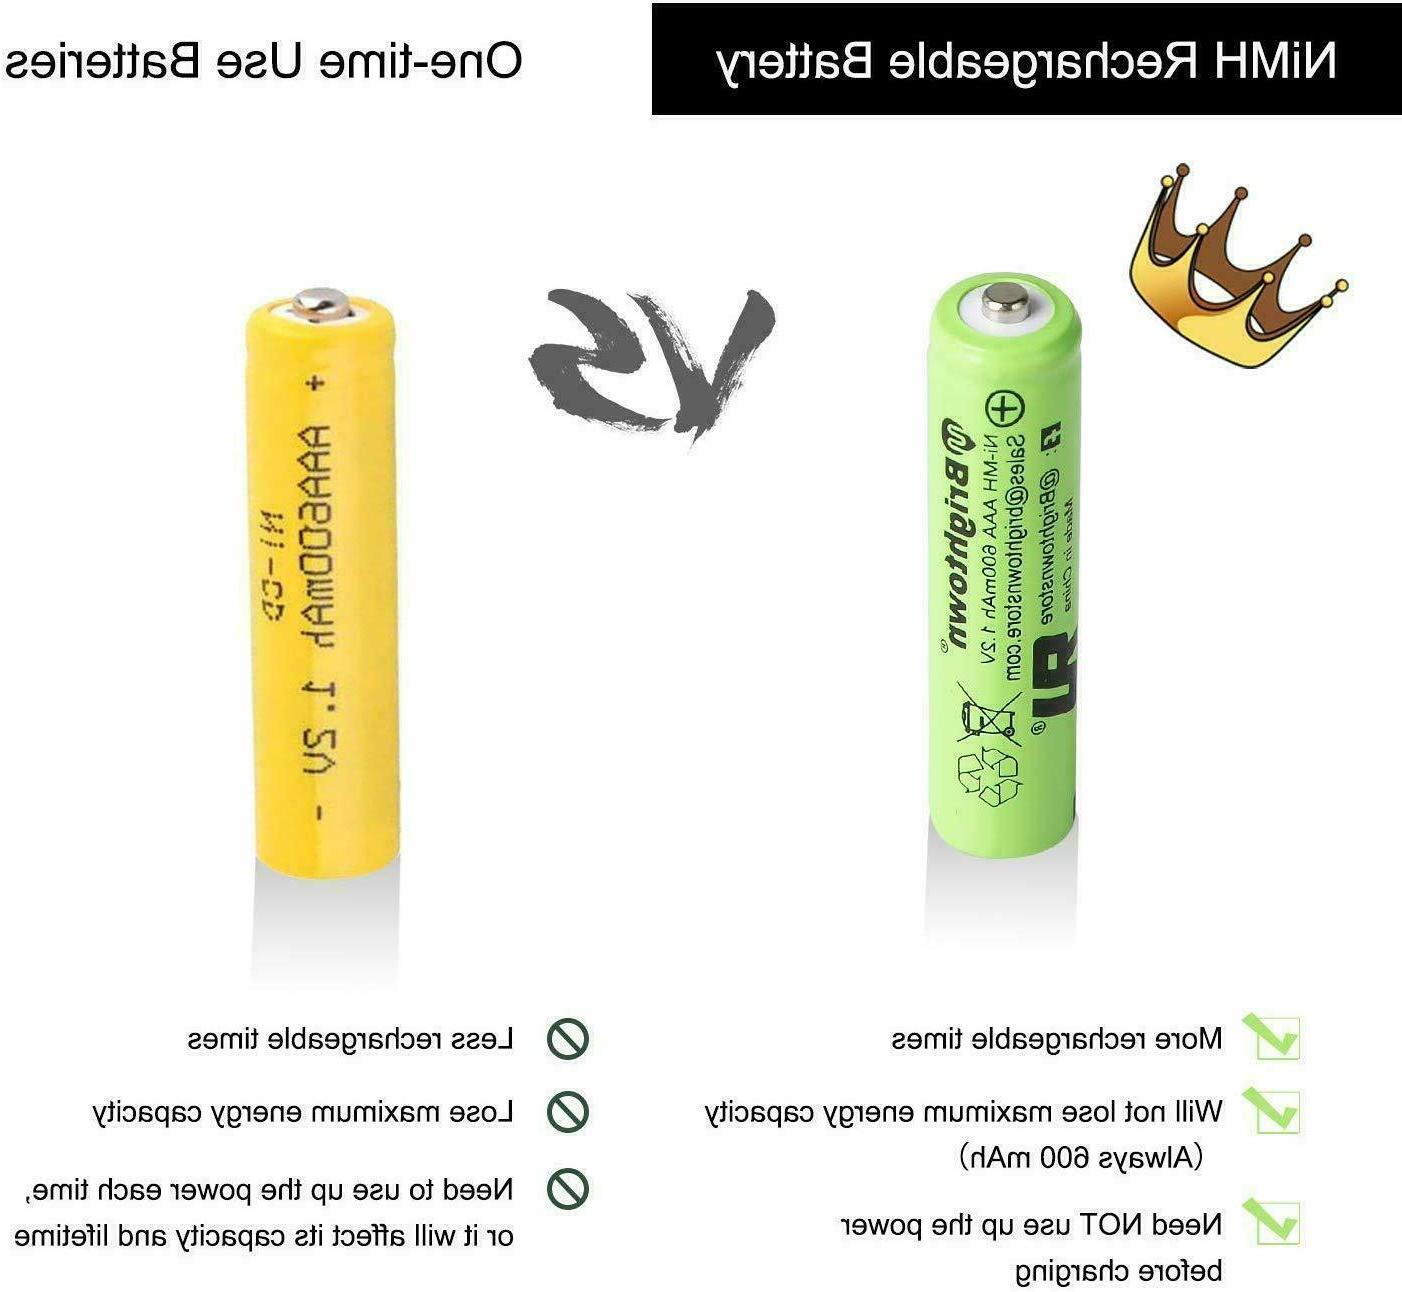 4-16 Batteries Ni-Mh Charger AA